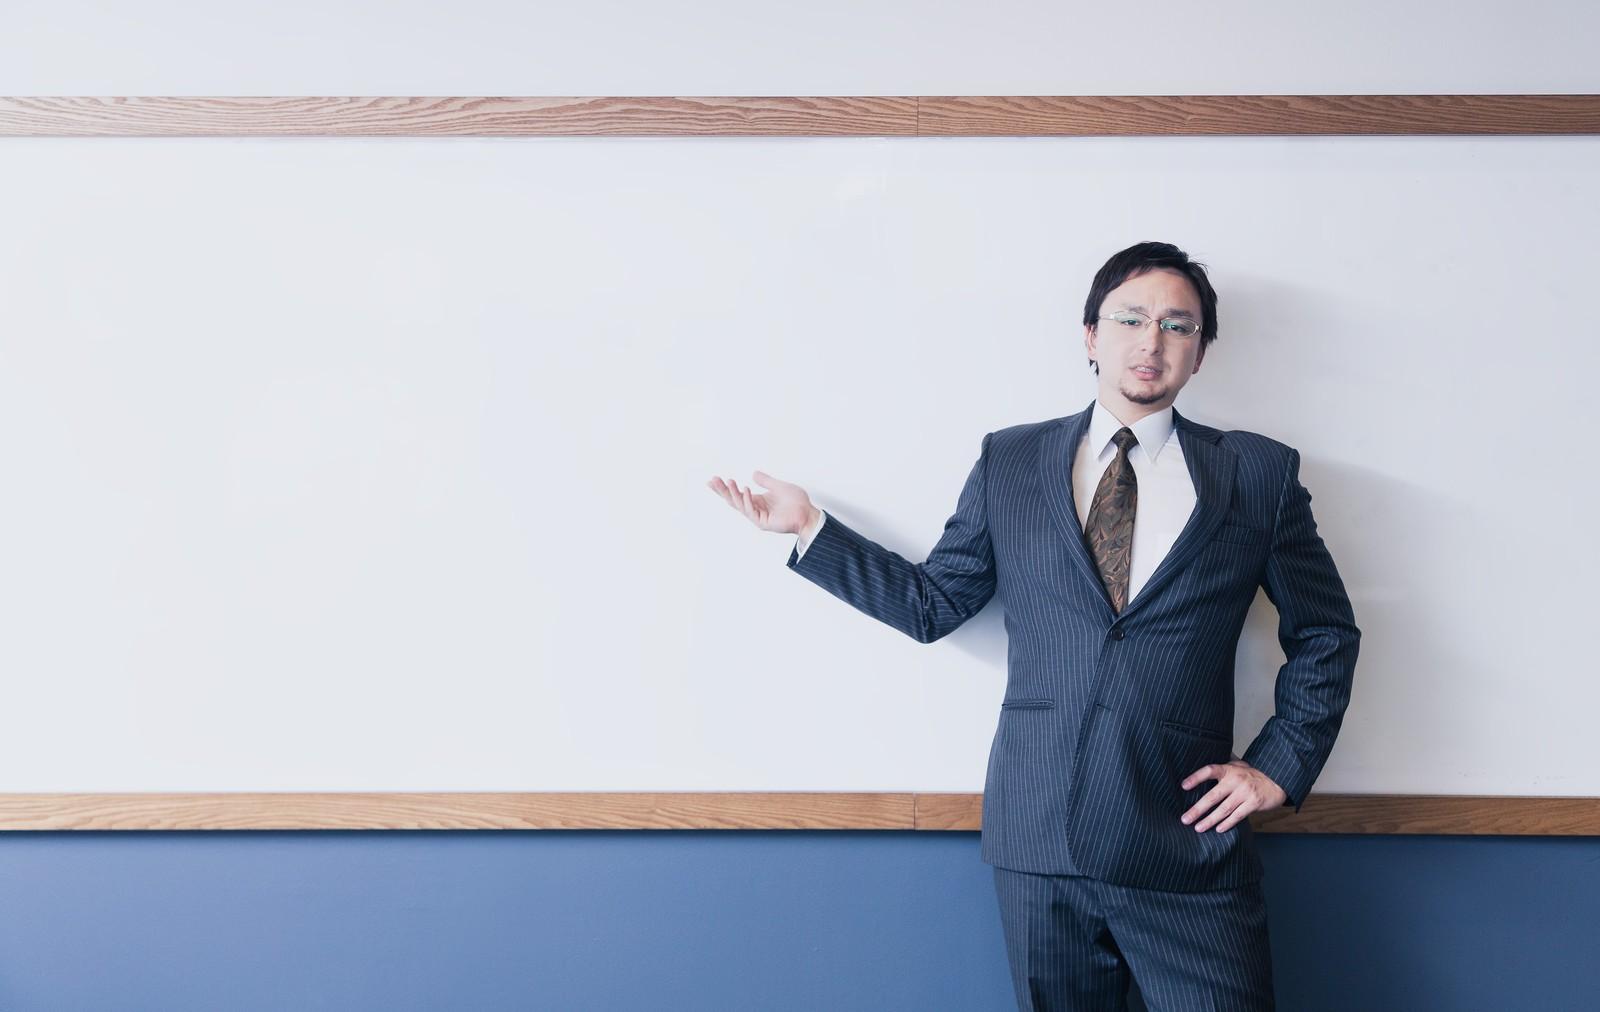 【求職活動実績の作り方】セミナーのみOK!参加証明書のもらい方などまとめ